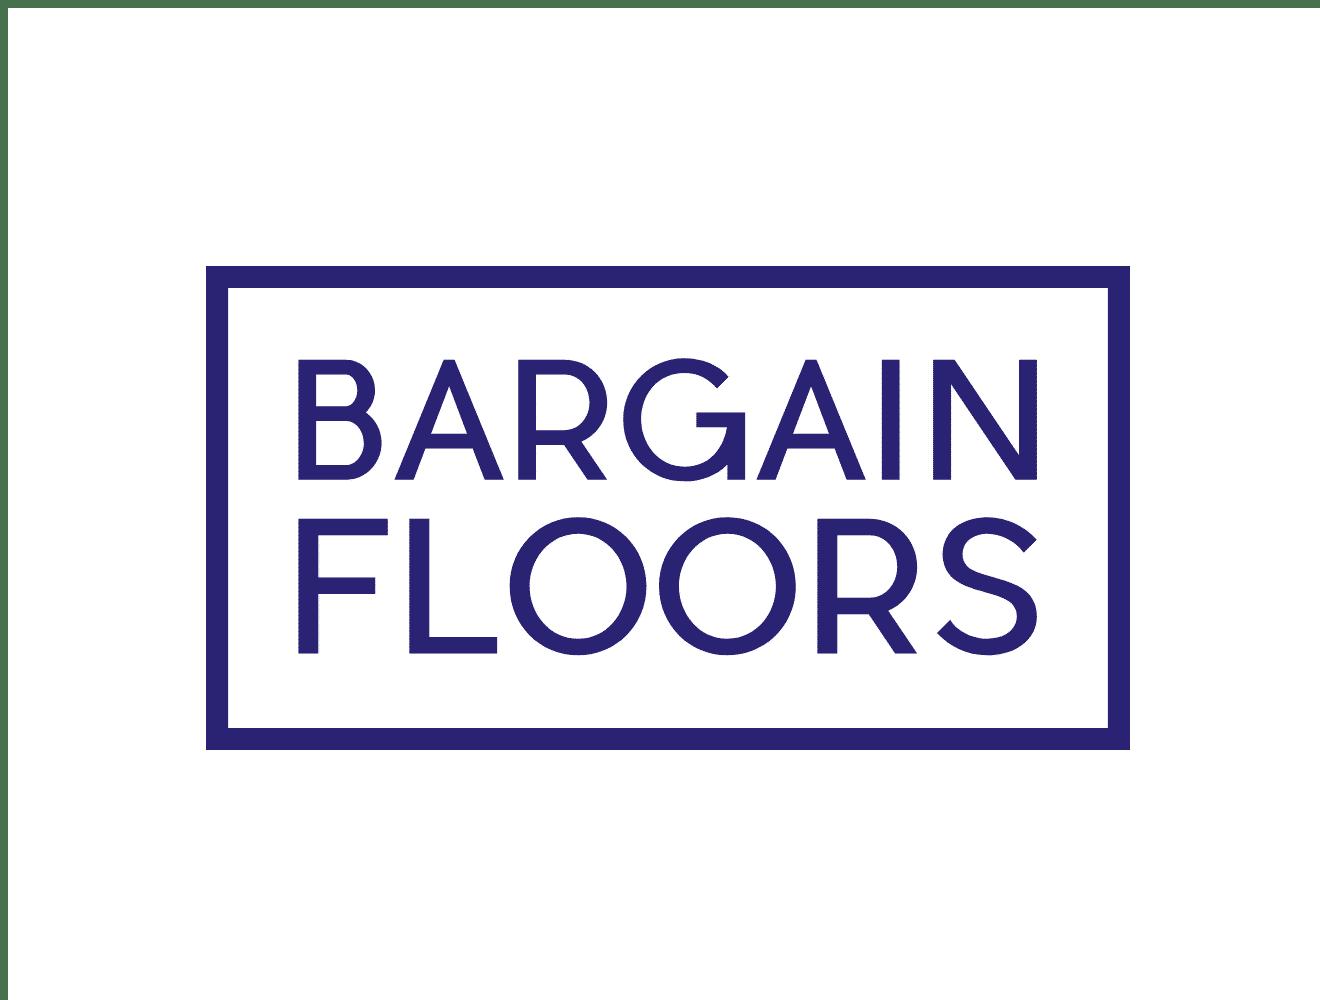 Bargain Floors